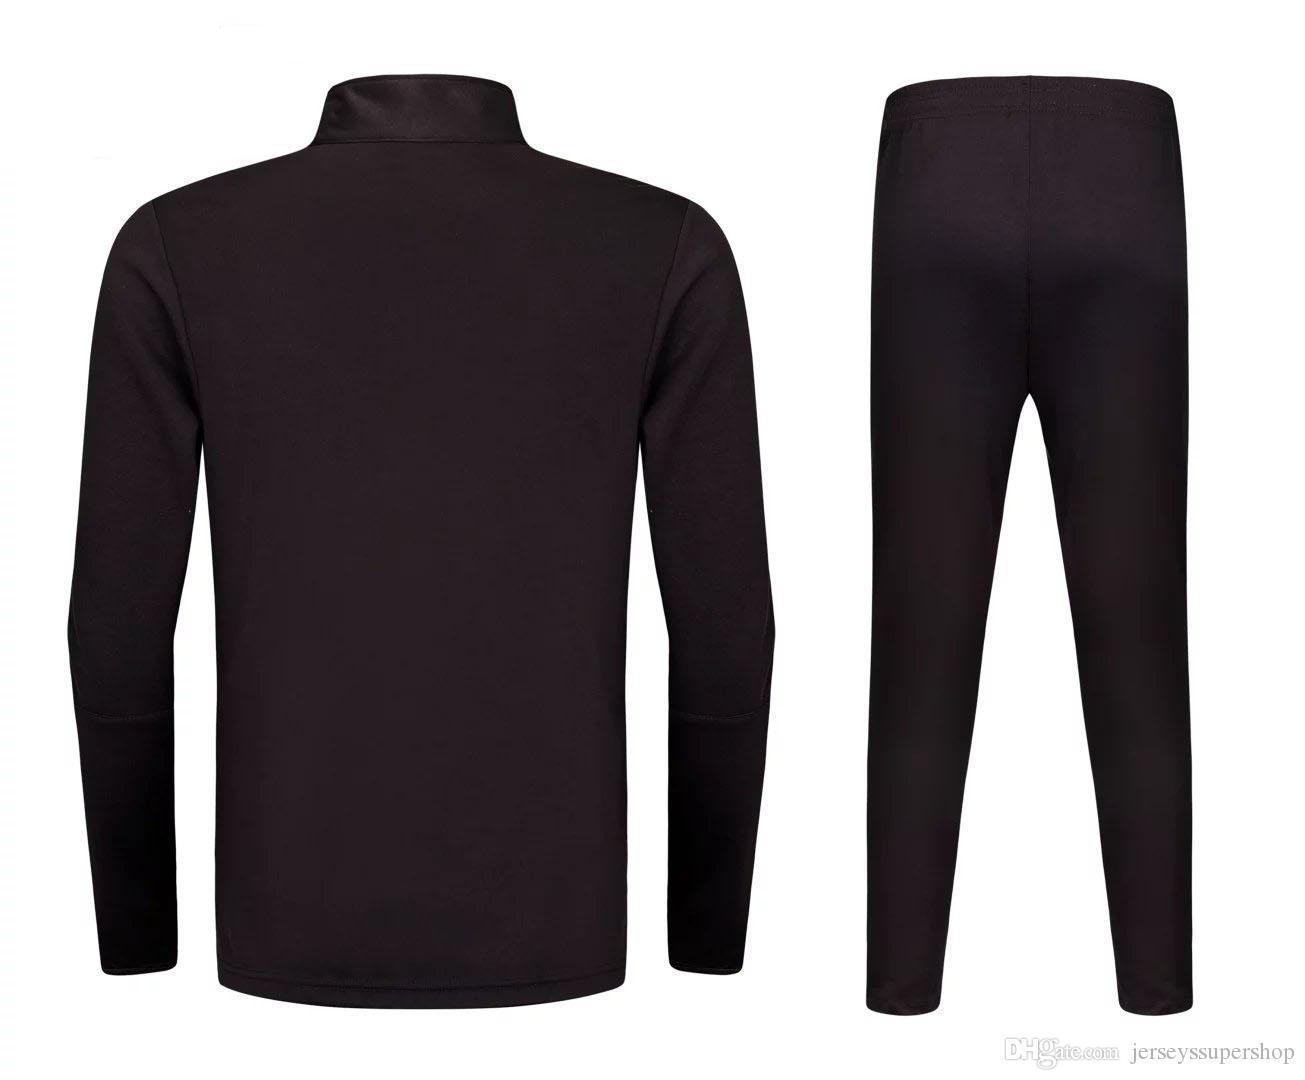 XL 2019 2020 Siyah En Son Erkekler Futbol Formalar Sıcak Satış Kapalı Tekstil Futbol Giyim Yüksek Kaliteli JUV